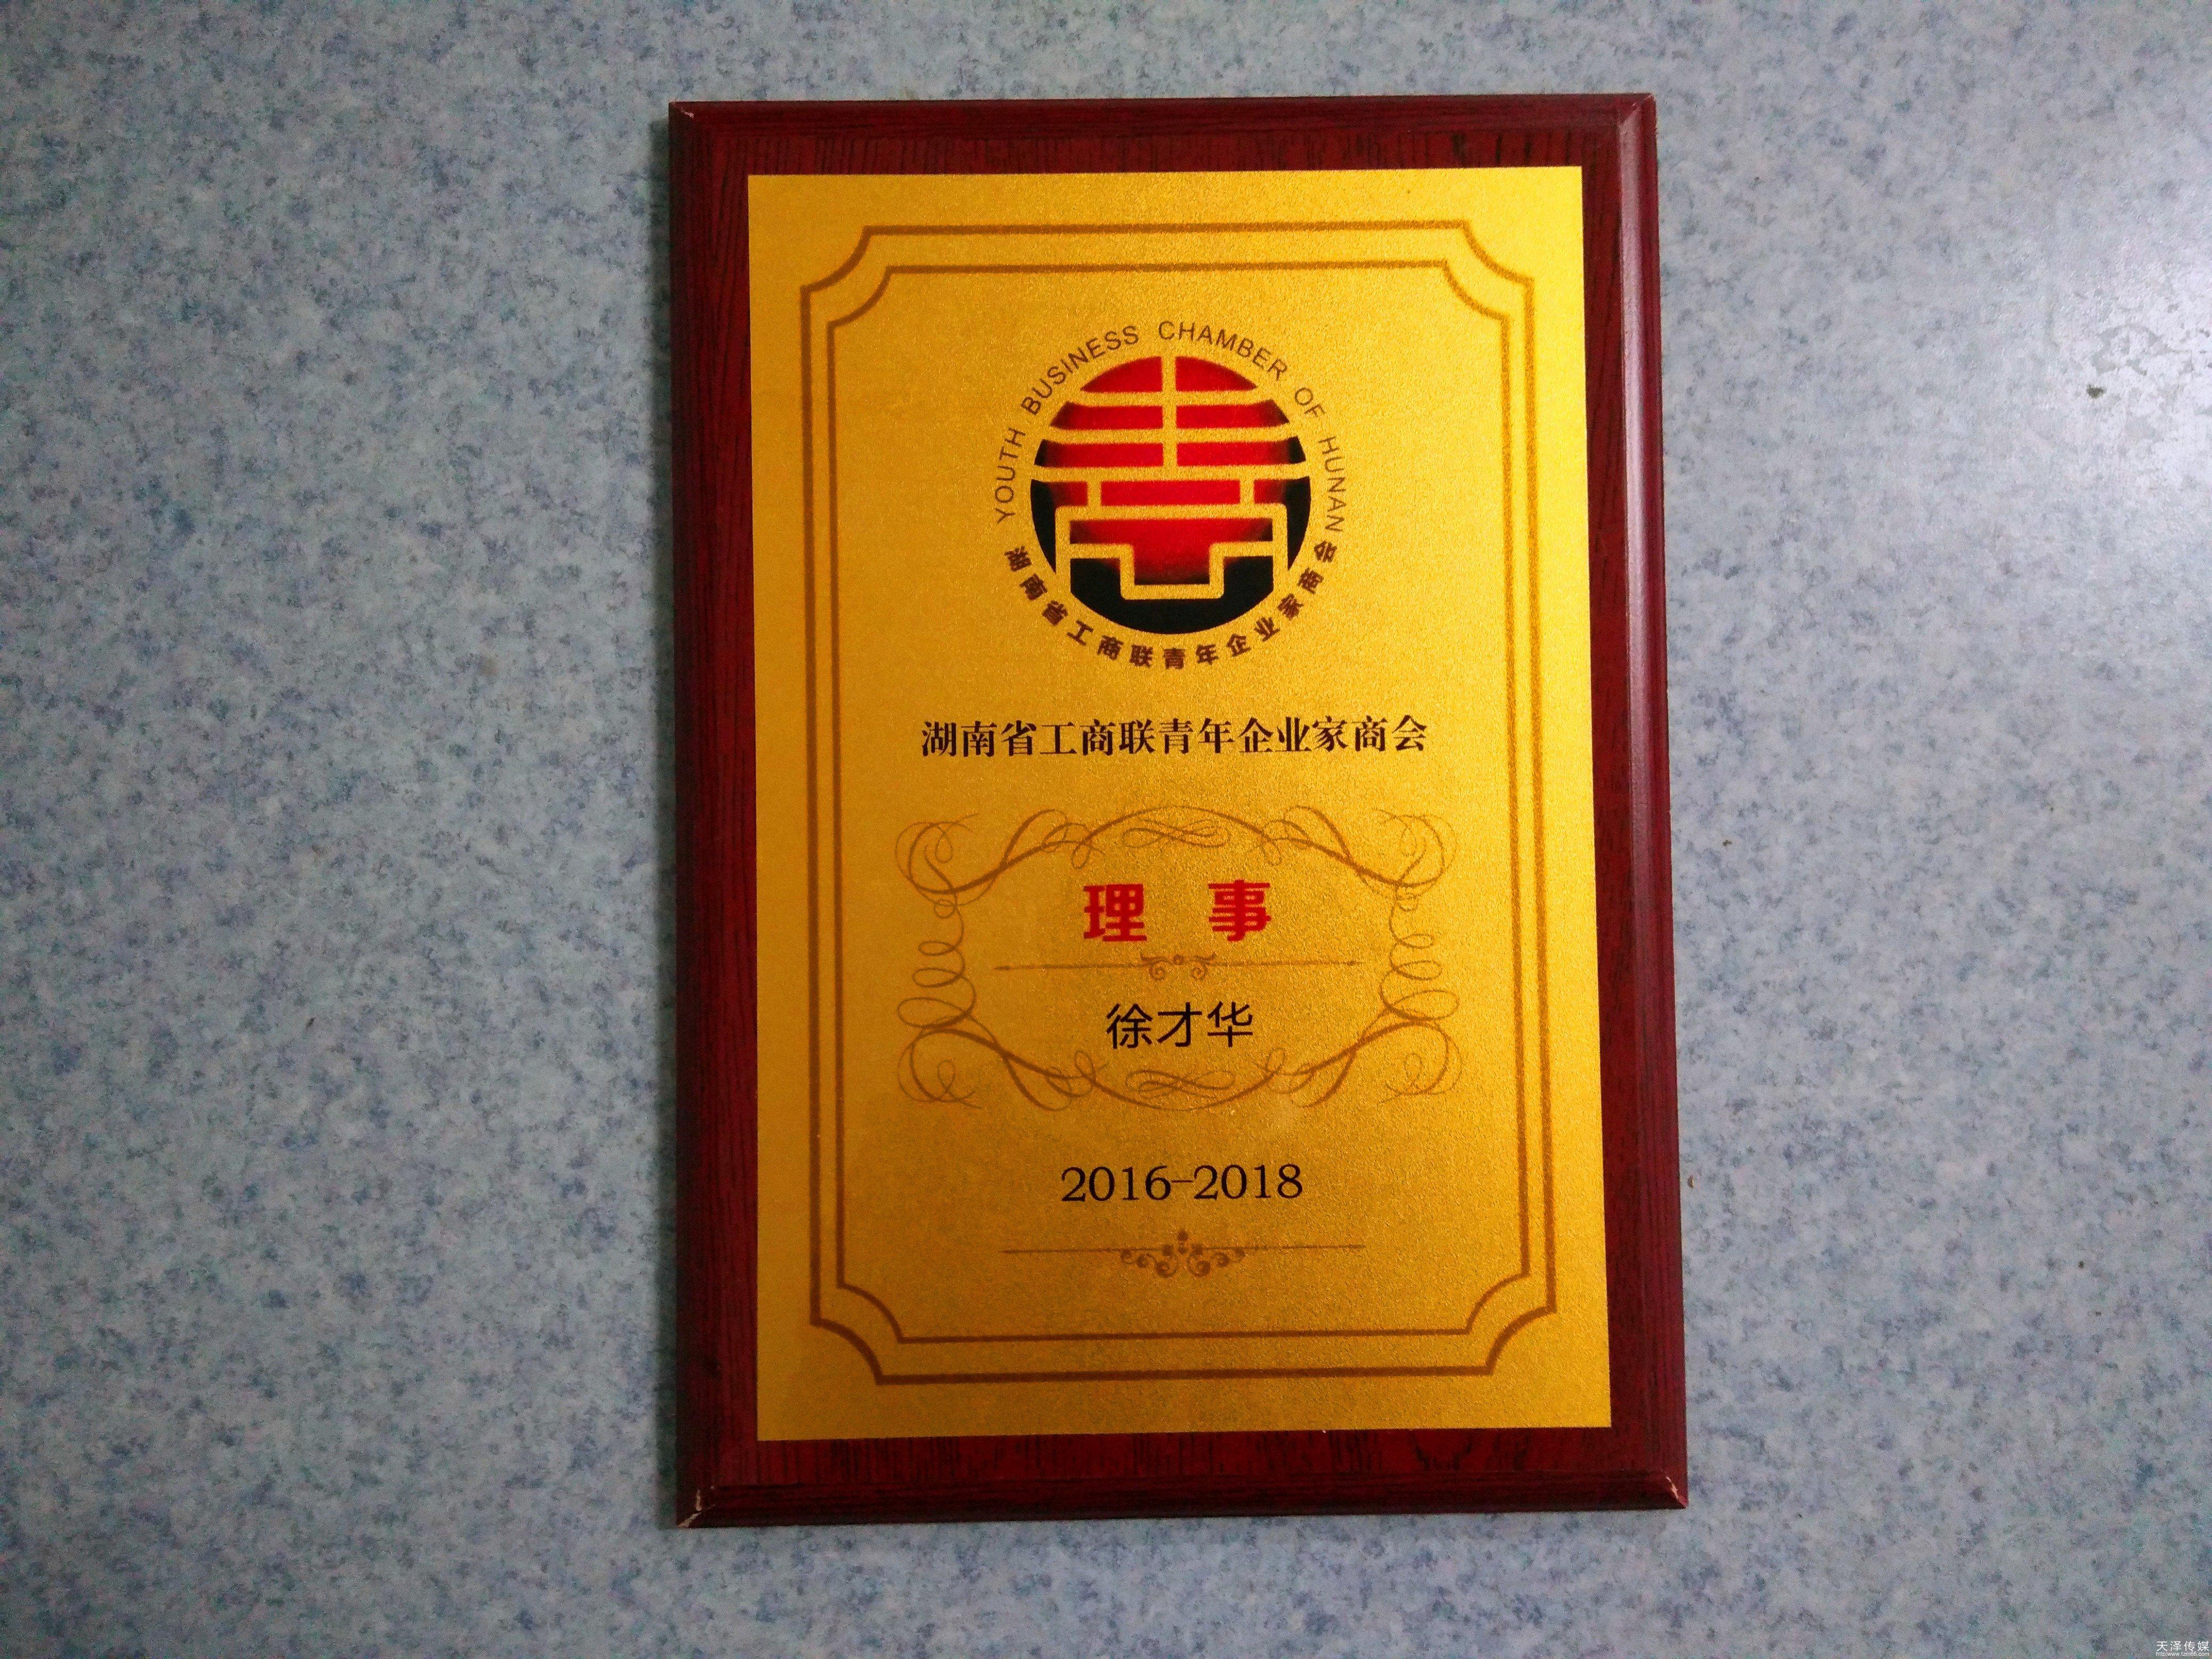 湖南beplay|娱乐游戏传媒董事长徐才华当选湖南省工商联青年企业家商会理事